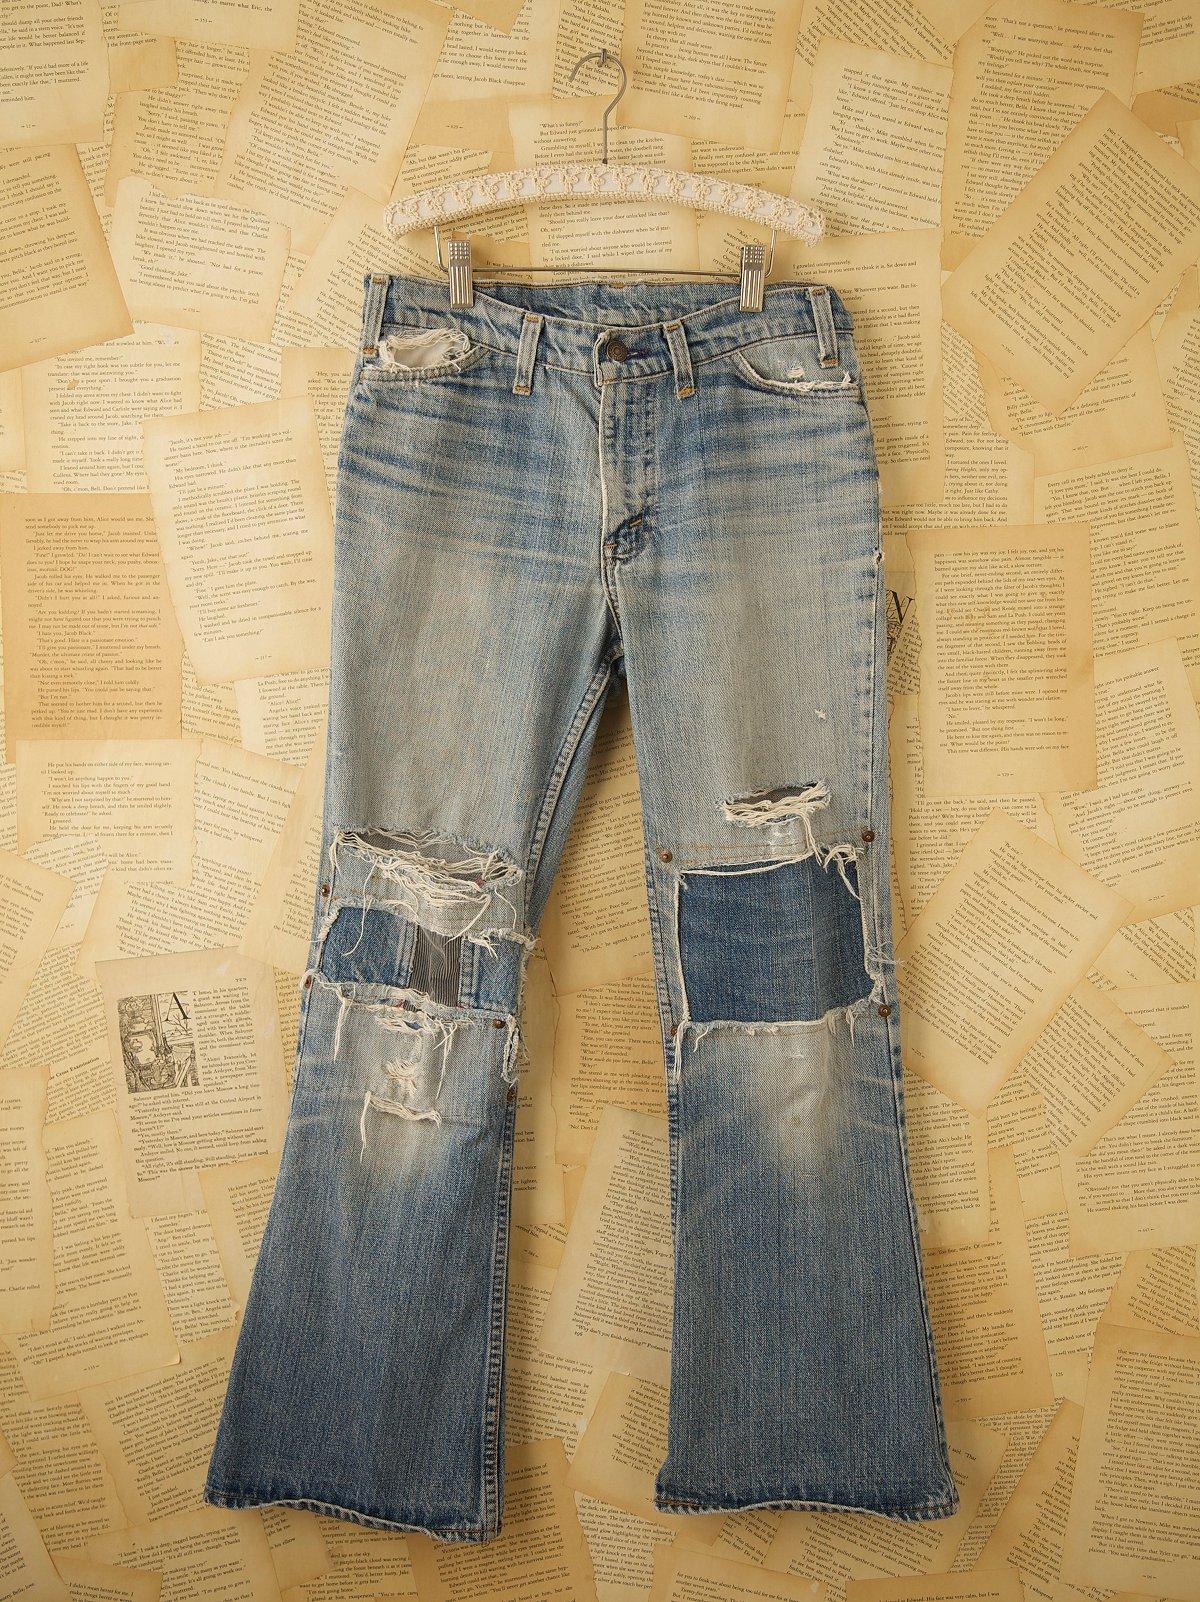 Vintage Levis Patched Jeans